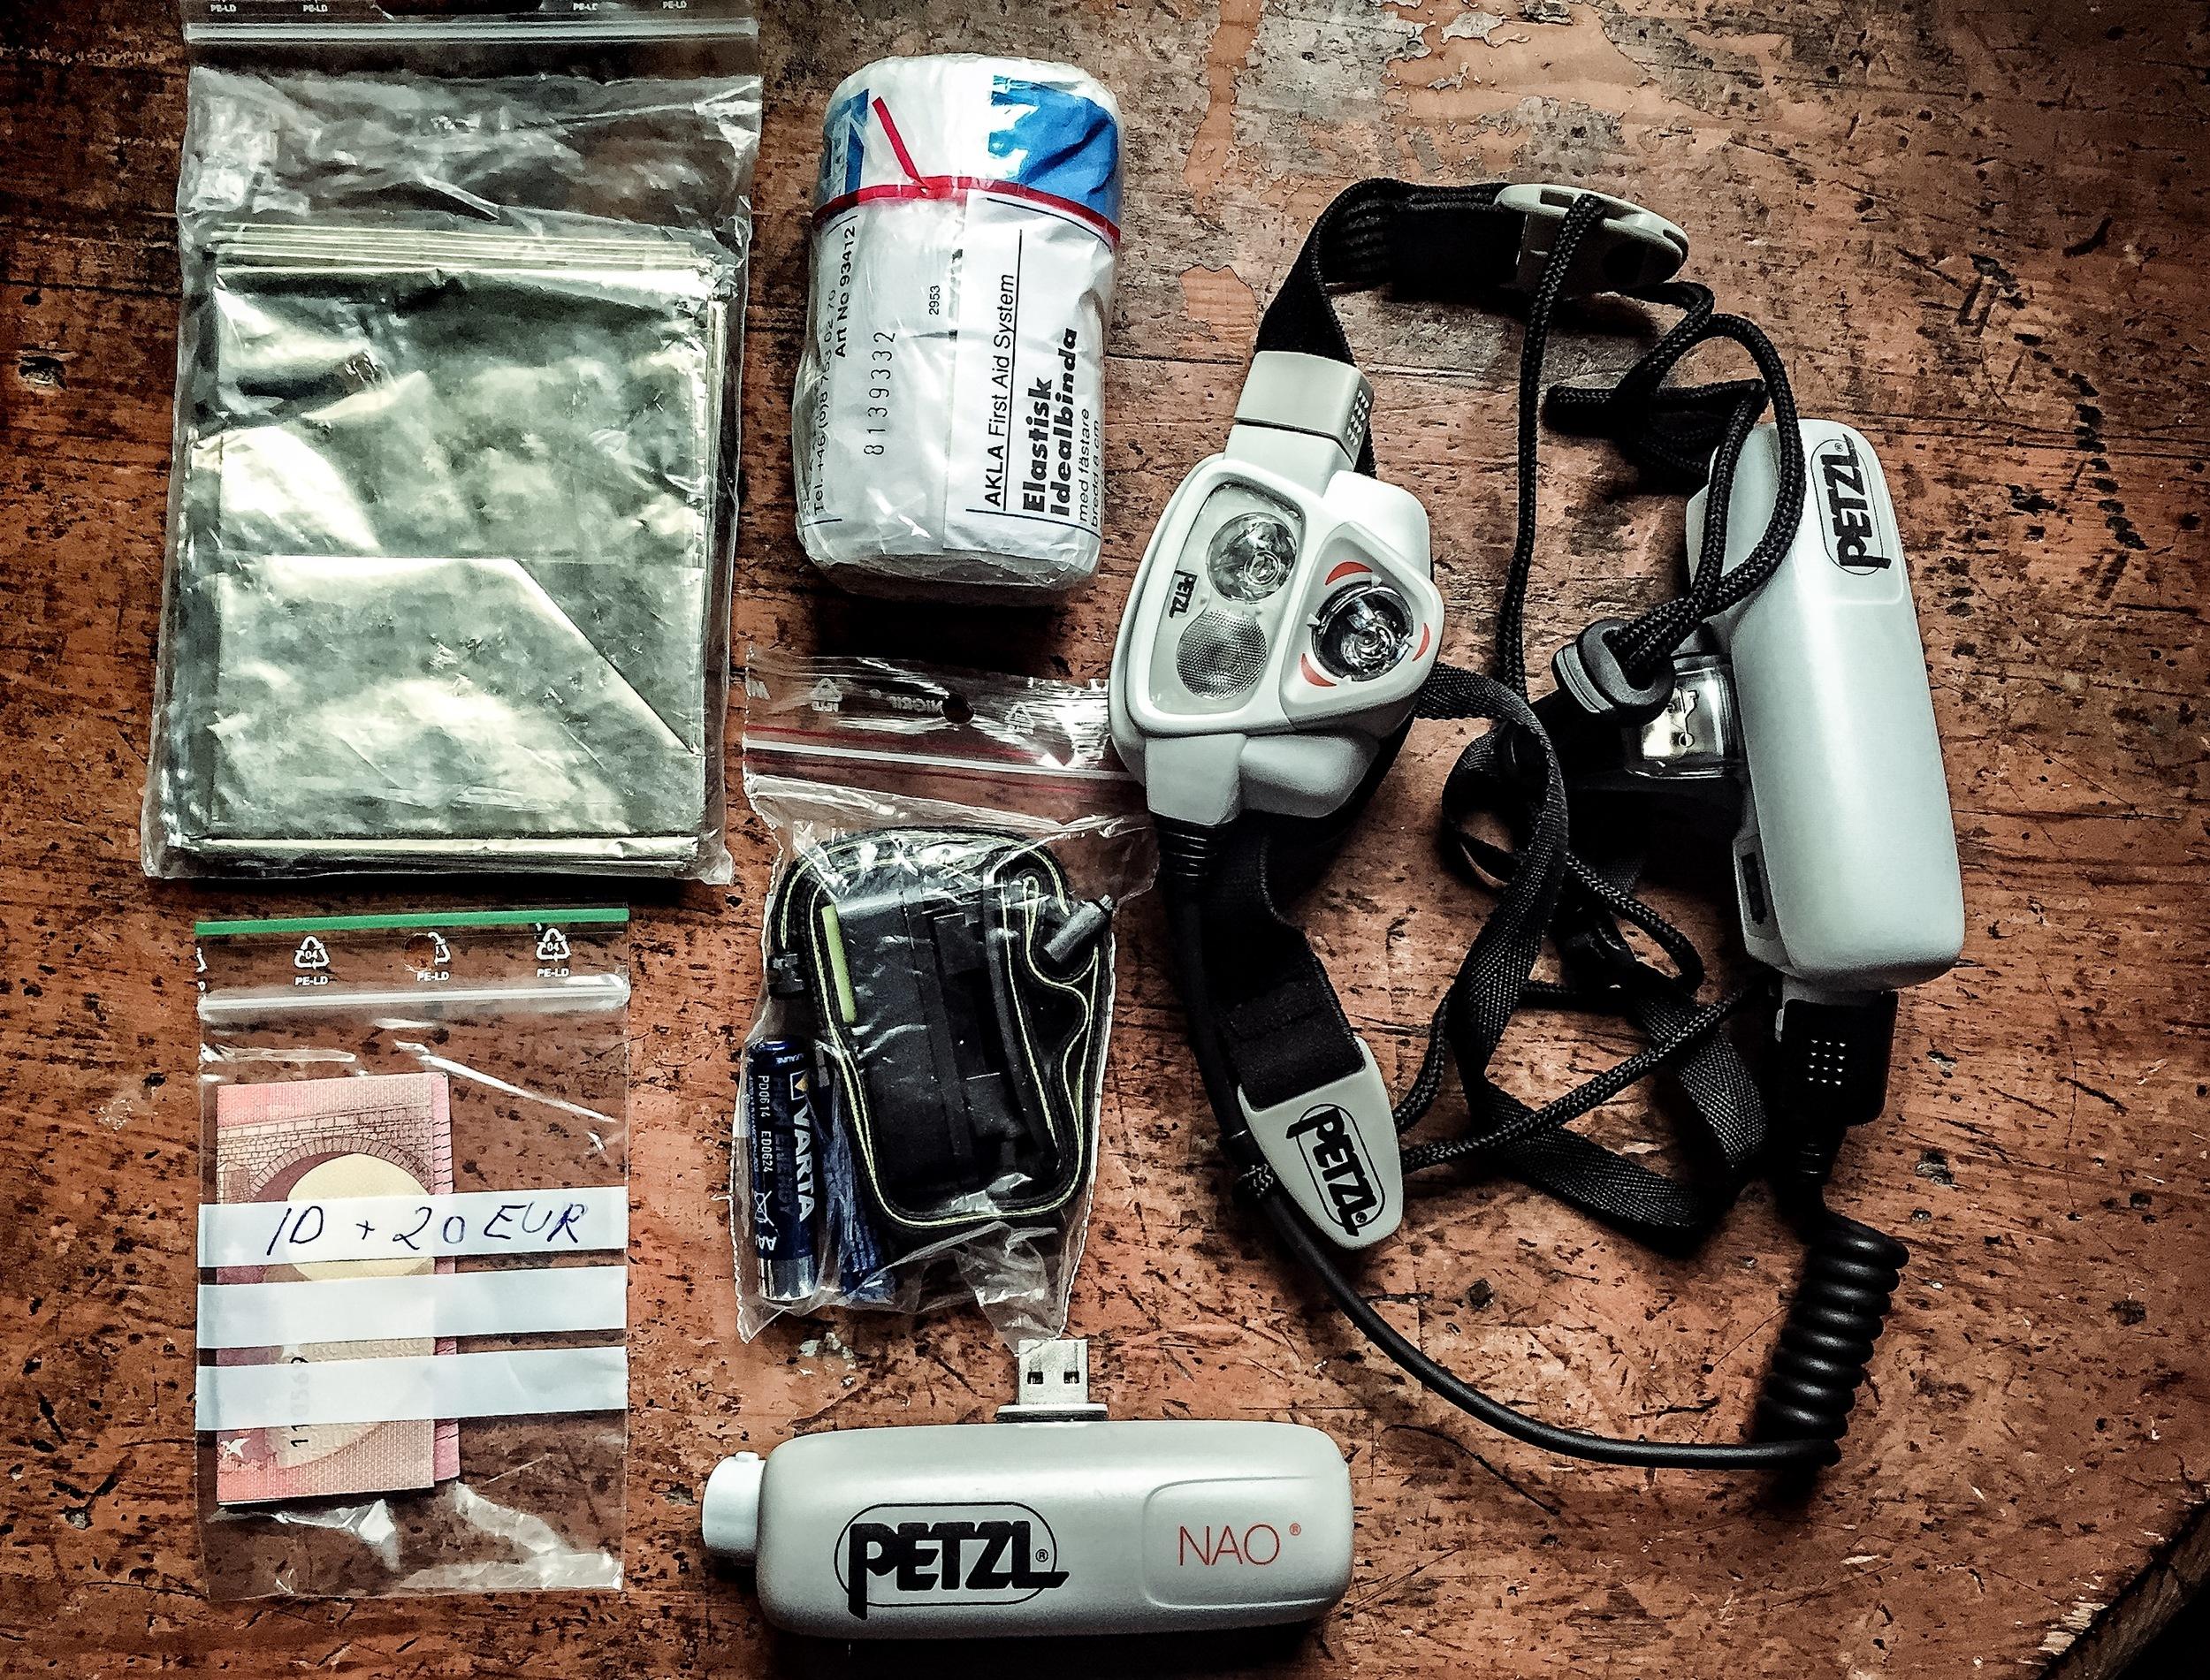 Räddningsfilt, elastisk binda, 20 EUR, lilla pannlampan ION från Black Diamond plus extrabatterier till denna, stora pannlampan Petzl NAO plus extrabatteri till den. Saknas på denna bild: mobiltelefon och ID-kort (ska sen ligga i samma påse som de 20 EUR man måste ha med sig).